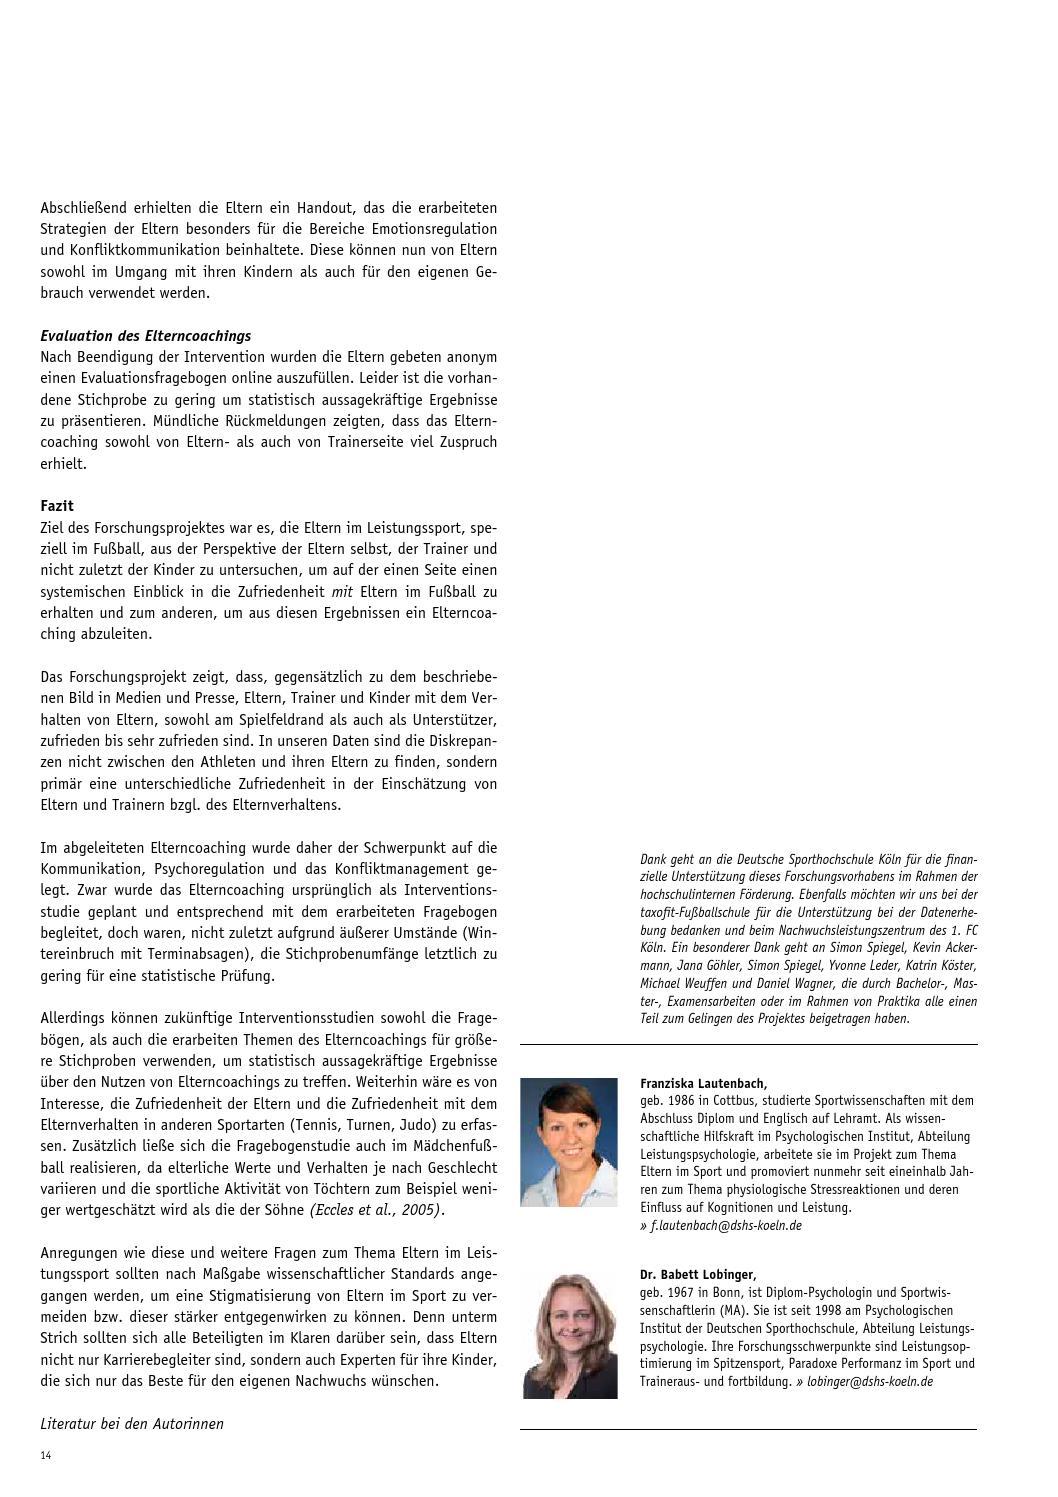 IMPULSE 01/02/2014 by Deutsche Sporthochschule Köln - issuu